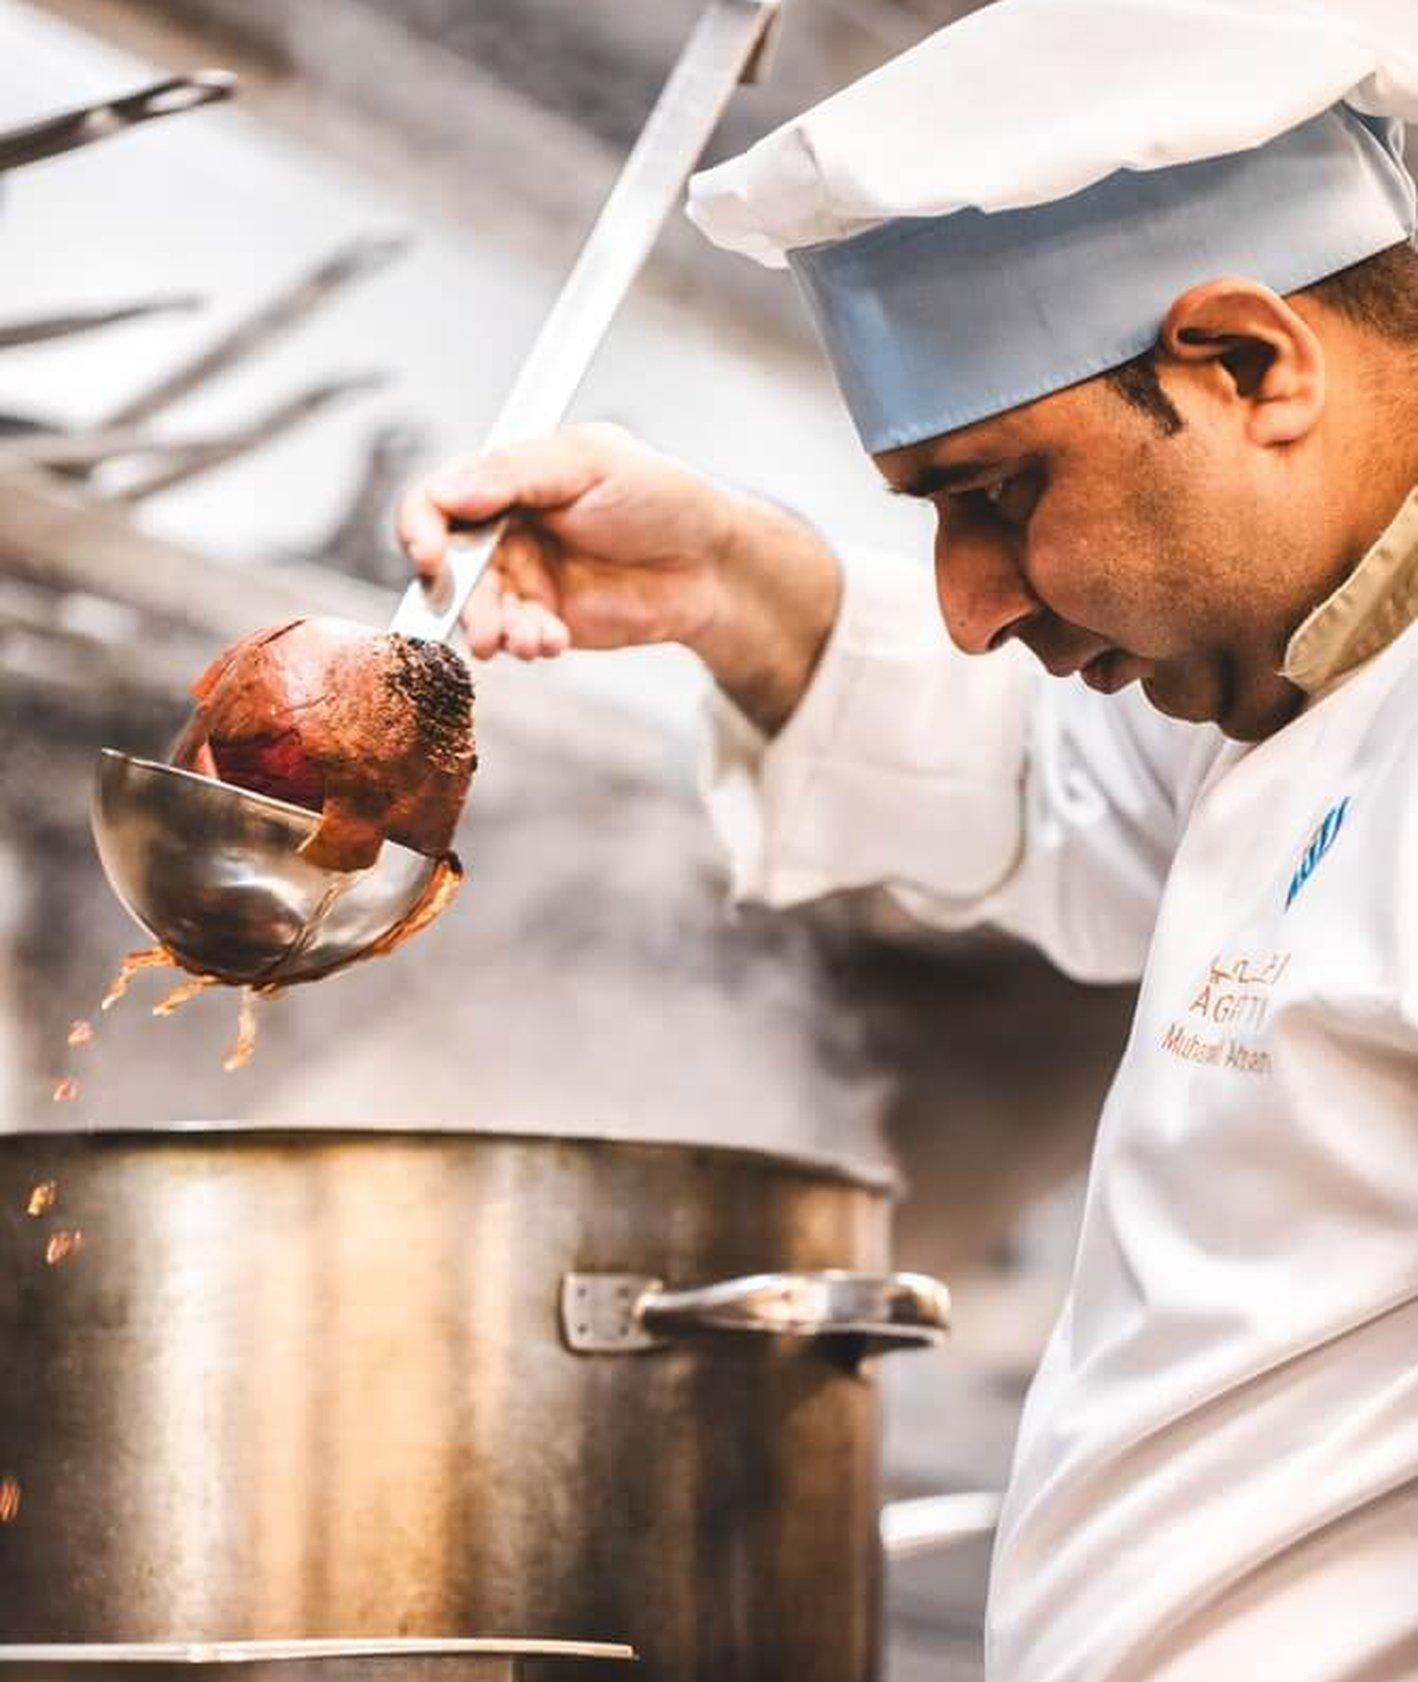 kuchnia w restauracji, jak wygląda praca na kuchni, slang kucharzy - szef kuchni (fot. Eiliv-Sonas Aceron)